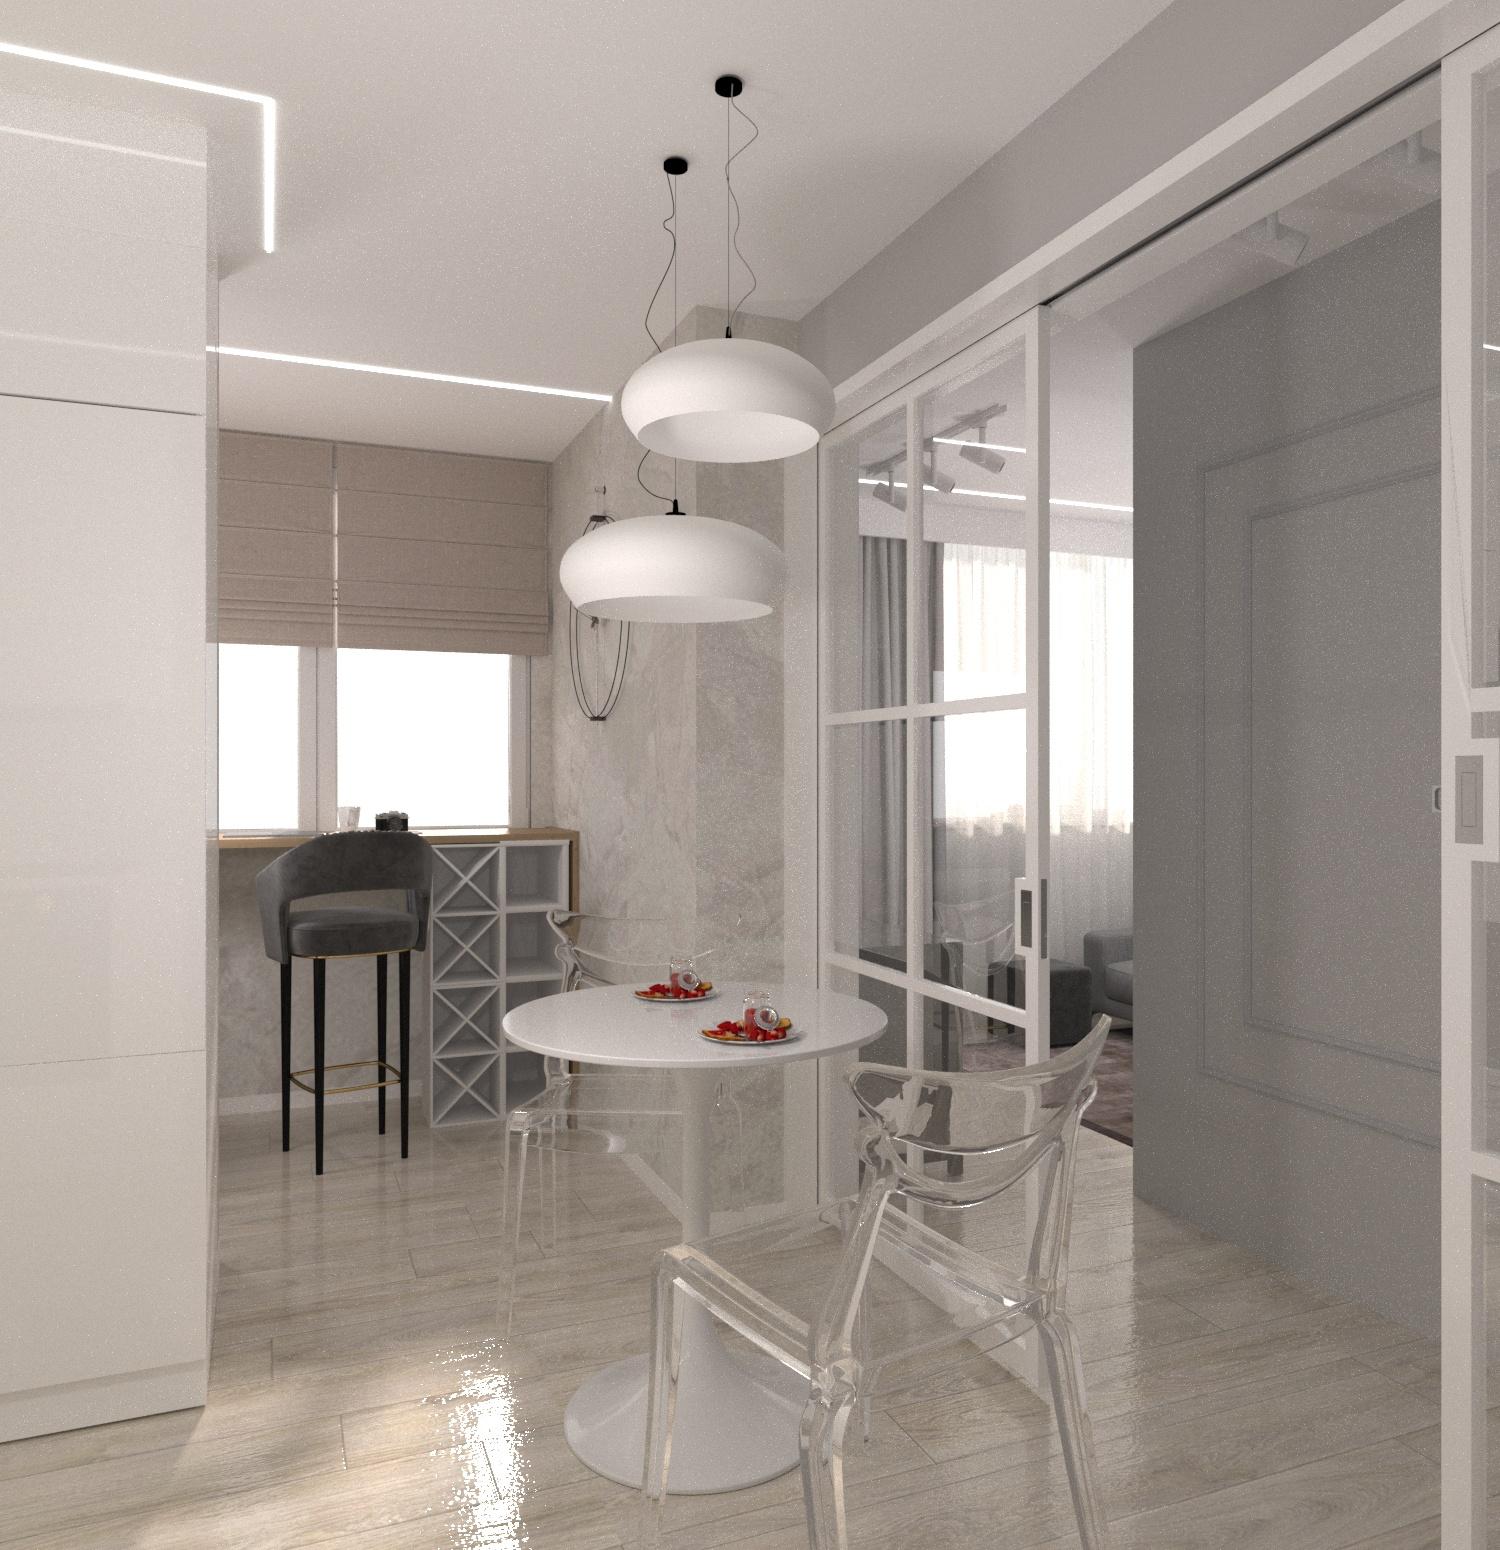 Проект квартири 47,5 кв.м по вул. Проскуровського Підпілля 165а - фото 4